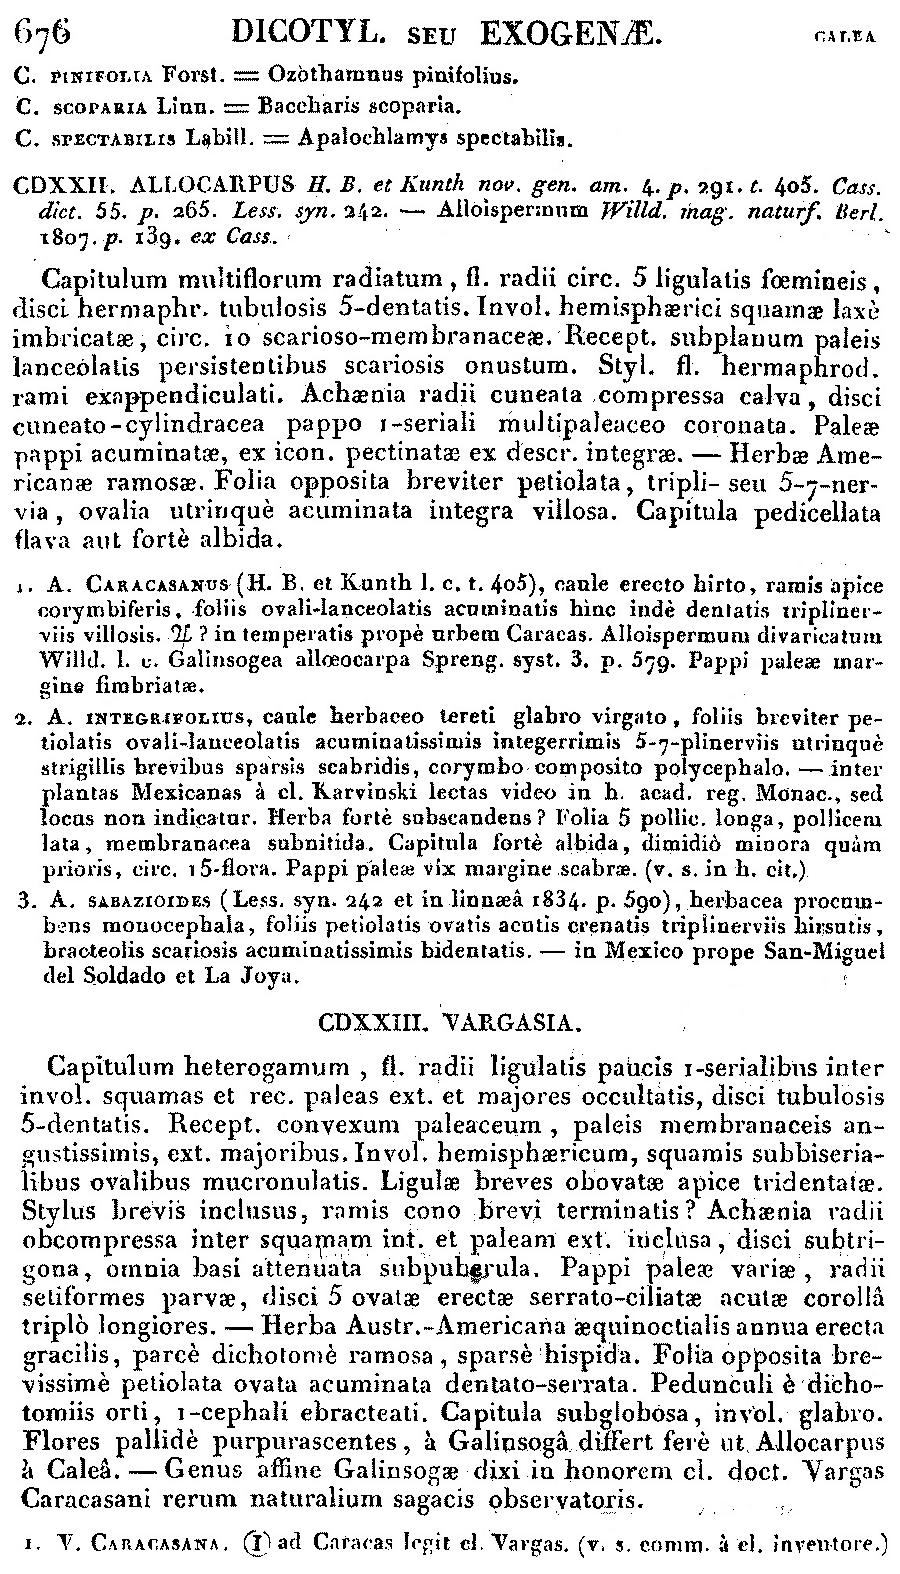 https://forum.plantarium.ru/misc.php?action=pun_attachment&item=26755